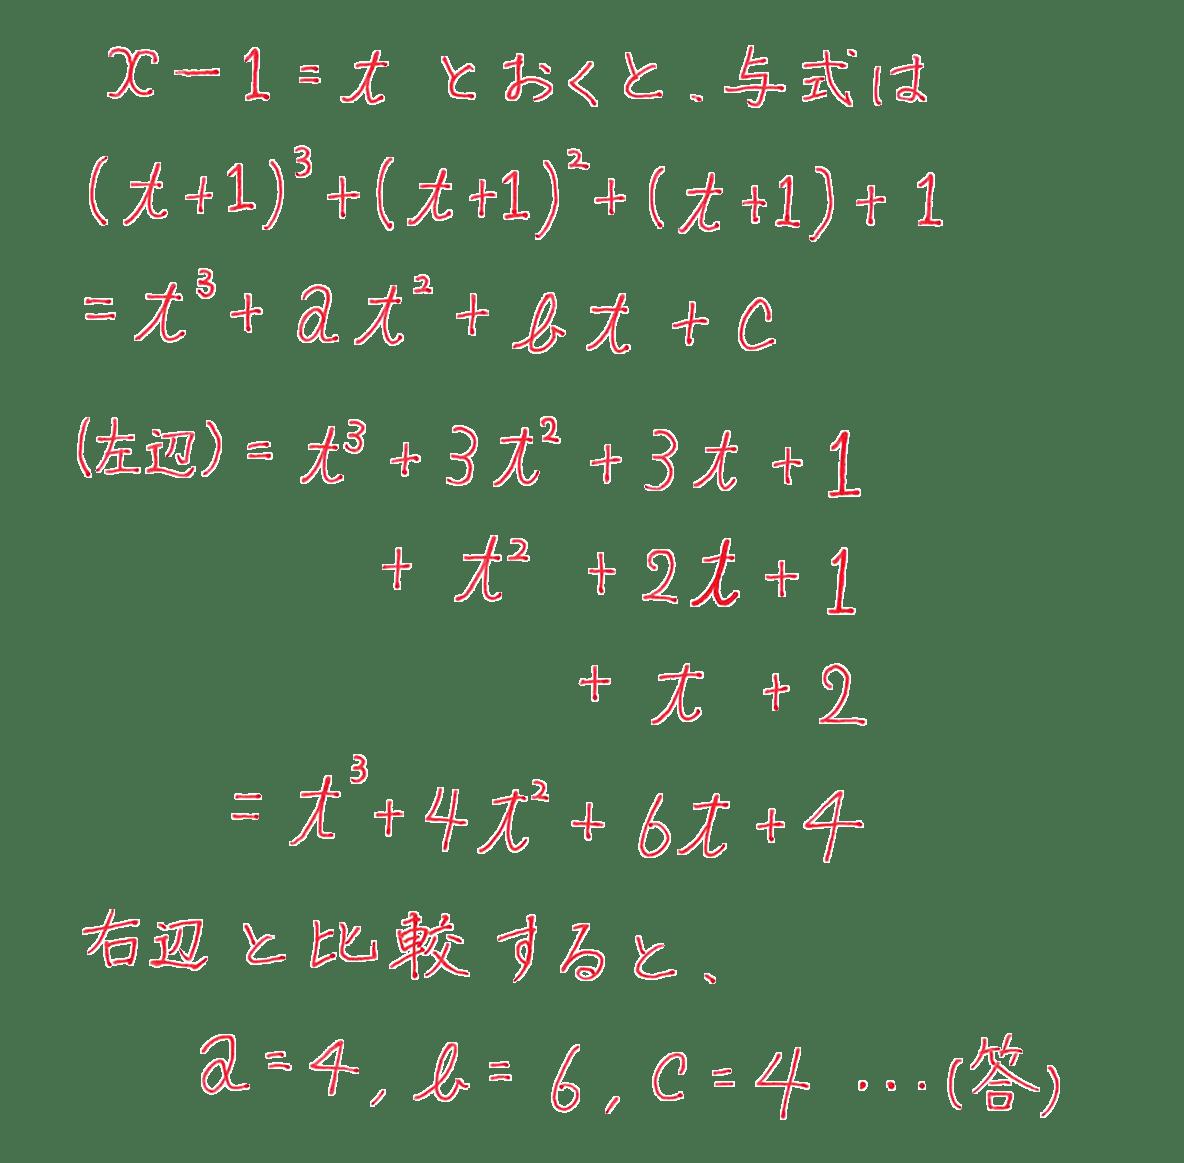 高校数学Ⅱ 式と証明17 練習 答え